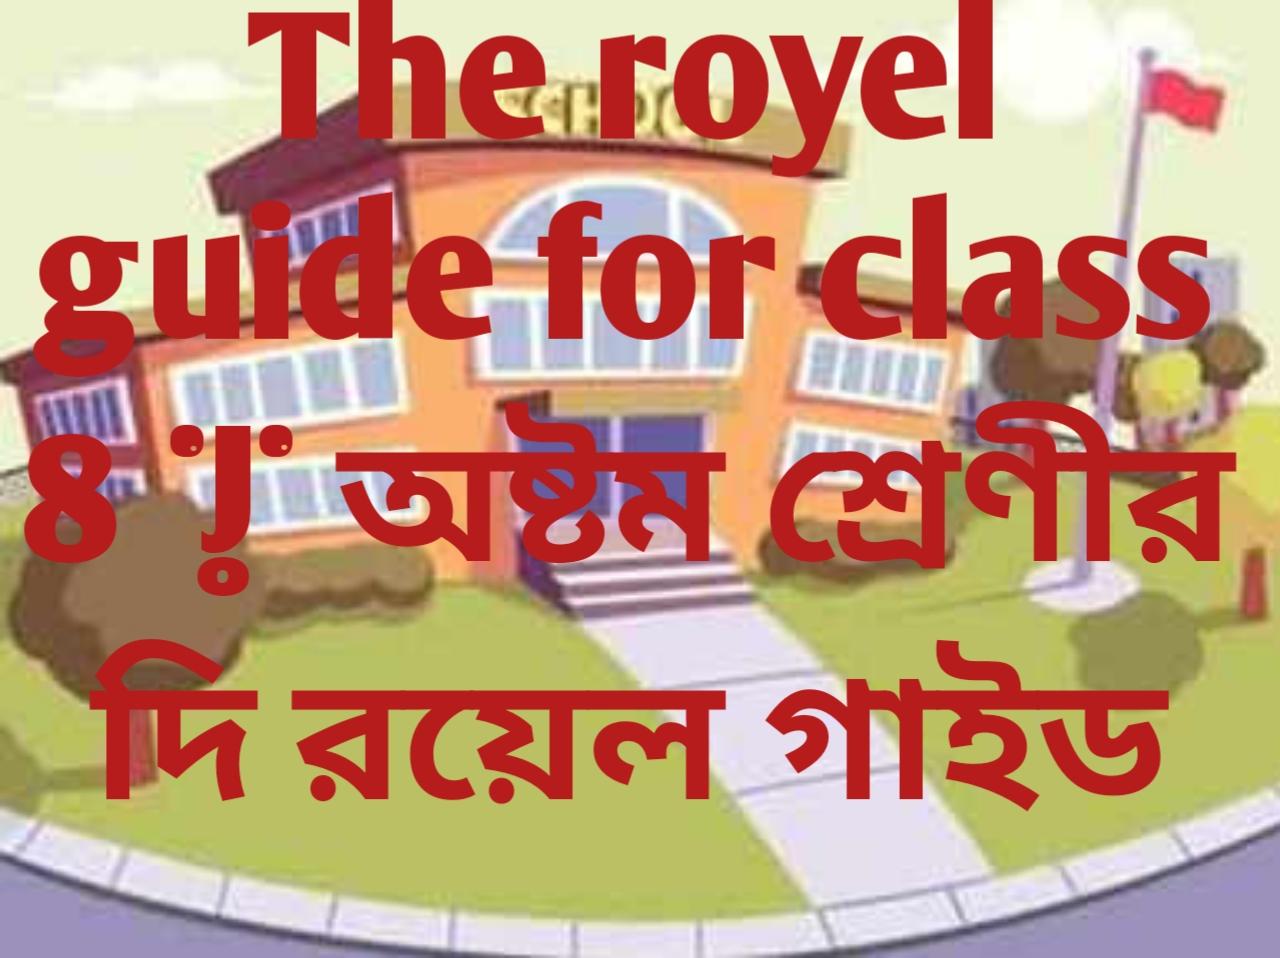 class 8 the royel guide 2021, class 8 the royel guide pdf, class 8 the royel guide book 2021, class 8 math solution the royel guide, the royel guide class 8, the royel guide for class 8, the royel guide for class 8 english, the royel guide for class 8 math, the royel guide for class 8 science, the royel guide for class 8 Bangladesh and global studies, the royel guide for class 8, the royel guide for class 8 hindu dharma, the royel guide for class 8 ICT, the royel guide for class 8 home science, the royel guide for class 8 agriculture education, the royel guide for class 8 physical education, অষ্টম শ্রেণীর বাংলা দি রয়েল গাইড ডাউনলোড, অষ্টম শ্রেণীর বাংলা গাইড এর পিডিএফ, অষ্টম শ্রেণির বাংলা দি রয়েল গাইড পিডিএফ ২০২১, অষ্টম শ্রেণীর দি রয়েল গাইড ২০২১, অষ্টম শ্রেণির ইংরেজি দি রয়েল গাইড, অষ্টম শ্রেণীর গণিত দি রয়েল গাইড, অষ্টম শ্রেণীর দি রয়েল গাইড বিজ্ঞান, অষ্টম শ্রেণীর দি রয়েল গাইড বাংলাদেশ ও বিশ্বপরিচয়, অষ্টম শ্রেণীর দি রয়েল গাইড ইসলাম শিক্ষা, অষ্টম শ্রেণীর দি রয়েল গাইড হিন্দুধর্ম, অষ্টম শ্রেণীর দি রয়েল গাইড গার্হস্থ্য বিজ্ঞান, অষ্টম শ্রেণীর দি রয়েল গাইড কৃষি শিক্ষা, অষ্টম শ্রেণীর দি রয়েল গাইড তথ্য যোগাযোগ প্রযুক্তি, অষ্টম শ্রেণীর দি রয়েল গাইড শারীরিক শিক্ষা,